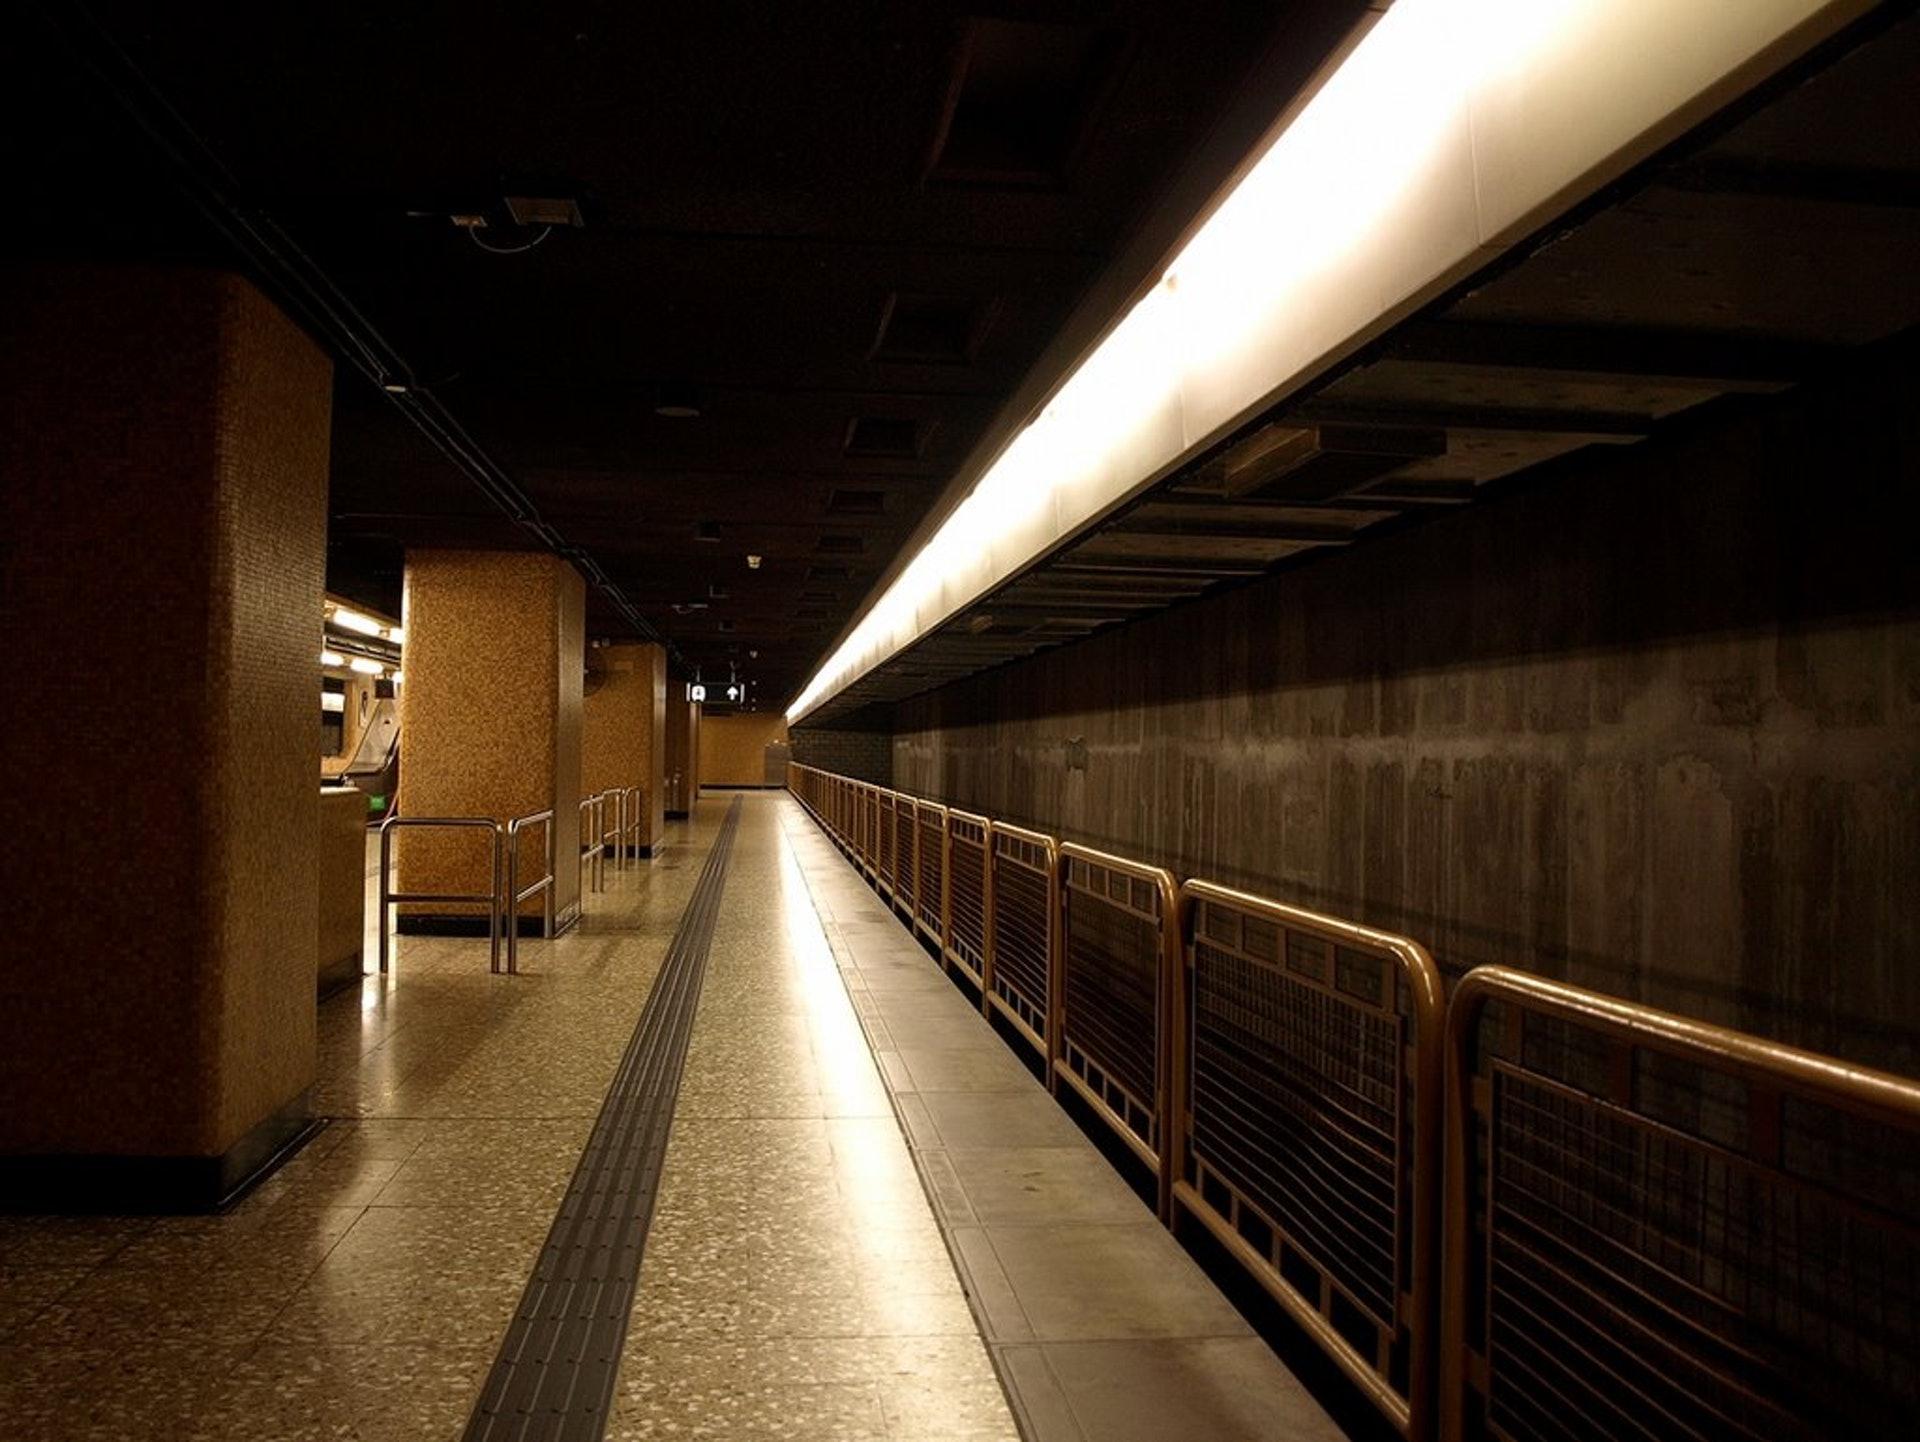 在上環站能通往已經荒廢的林士站。(網上圖片)